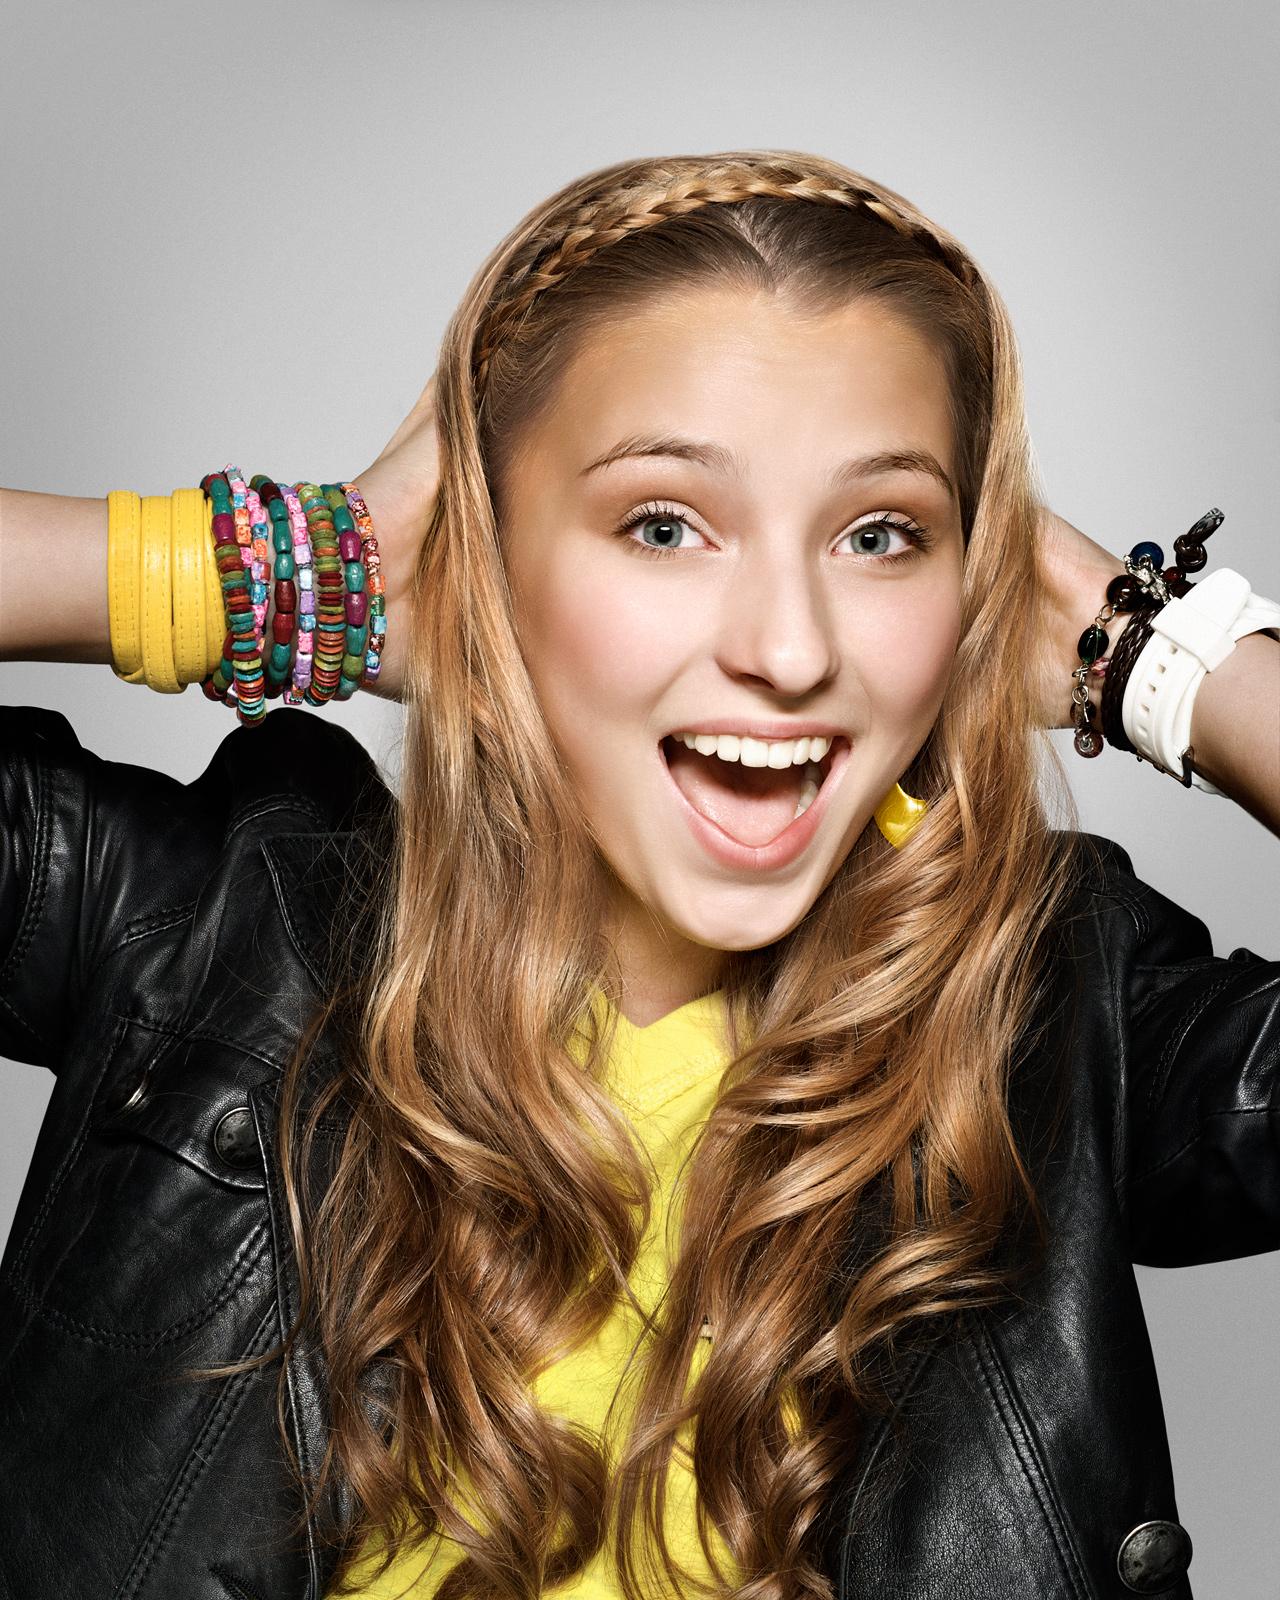 VELCOM-teenager